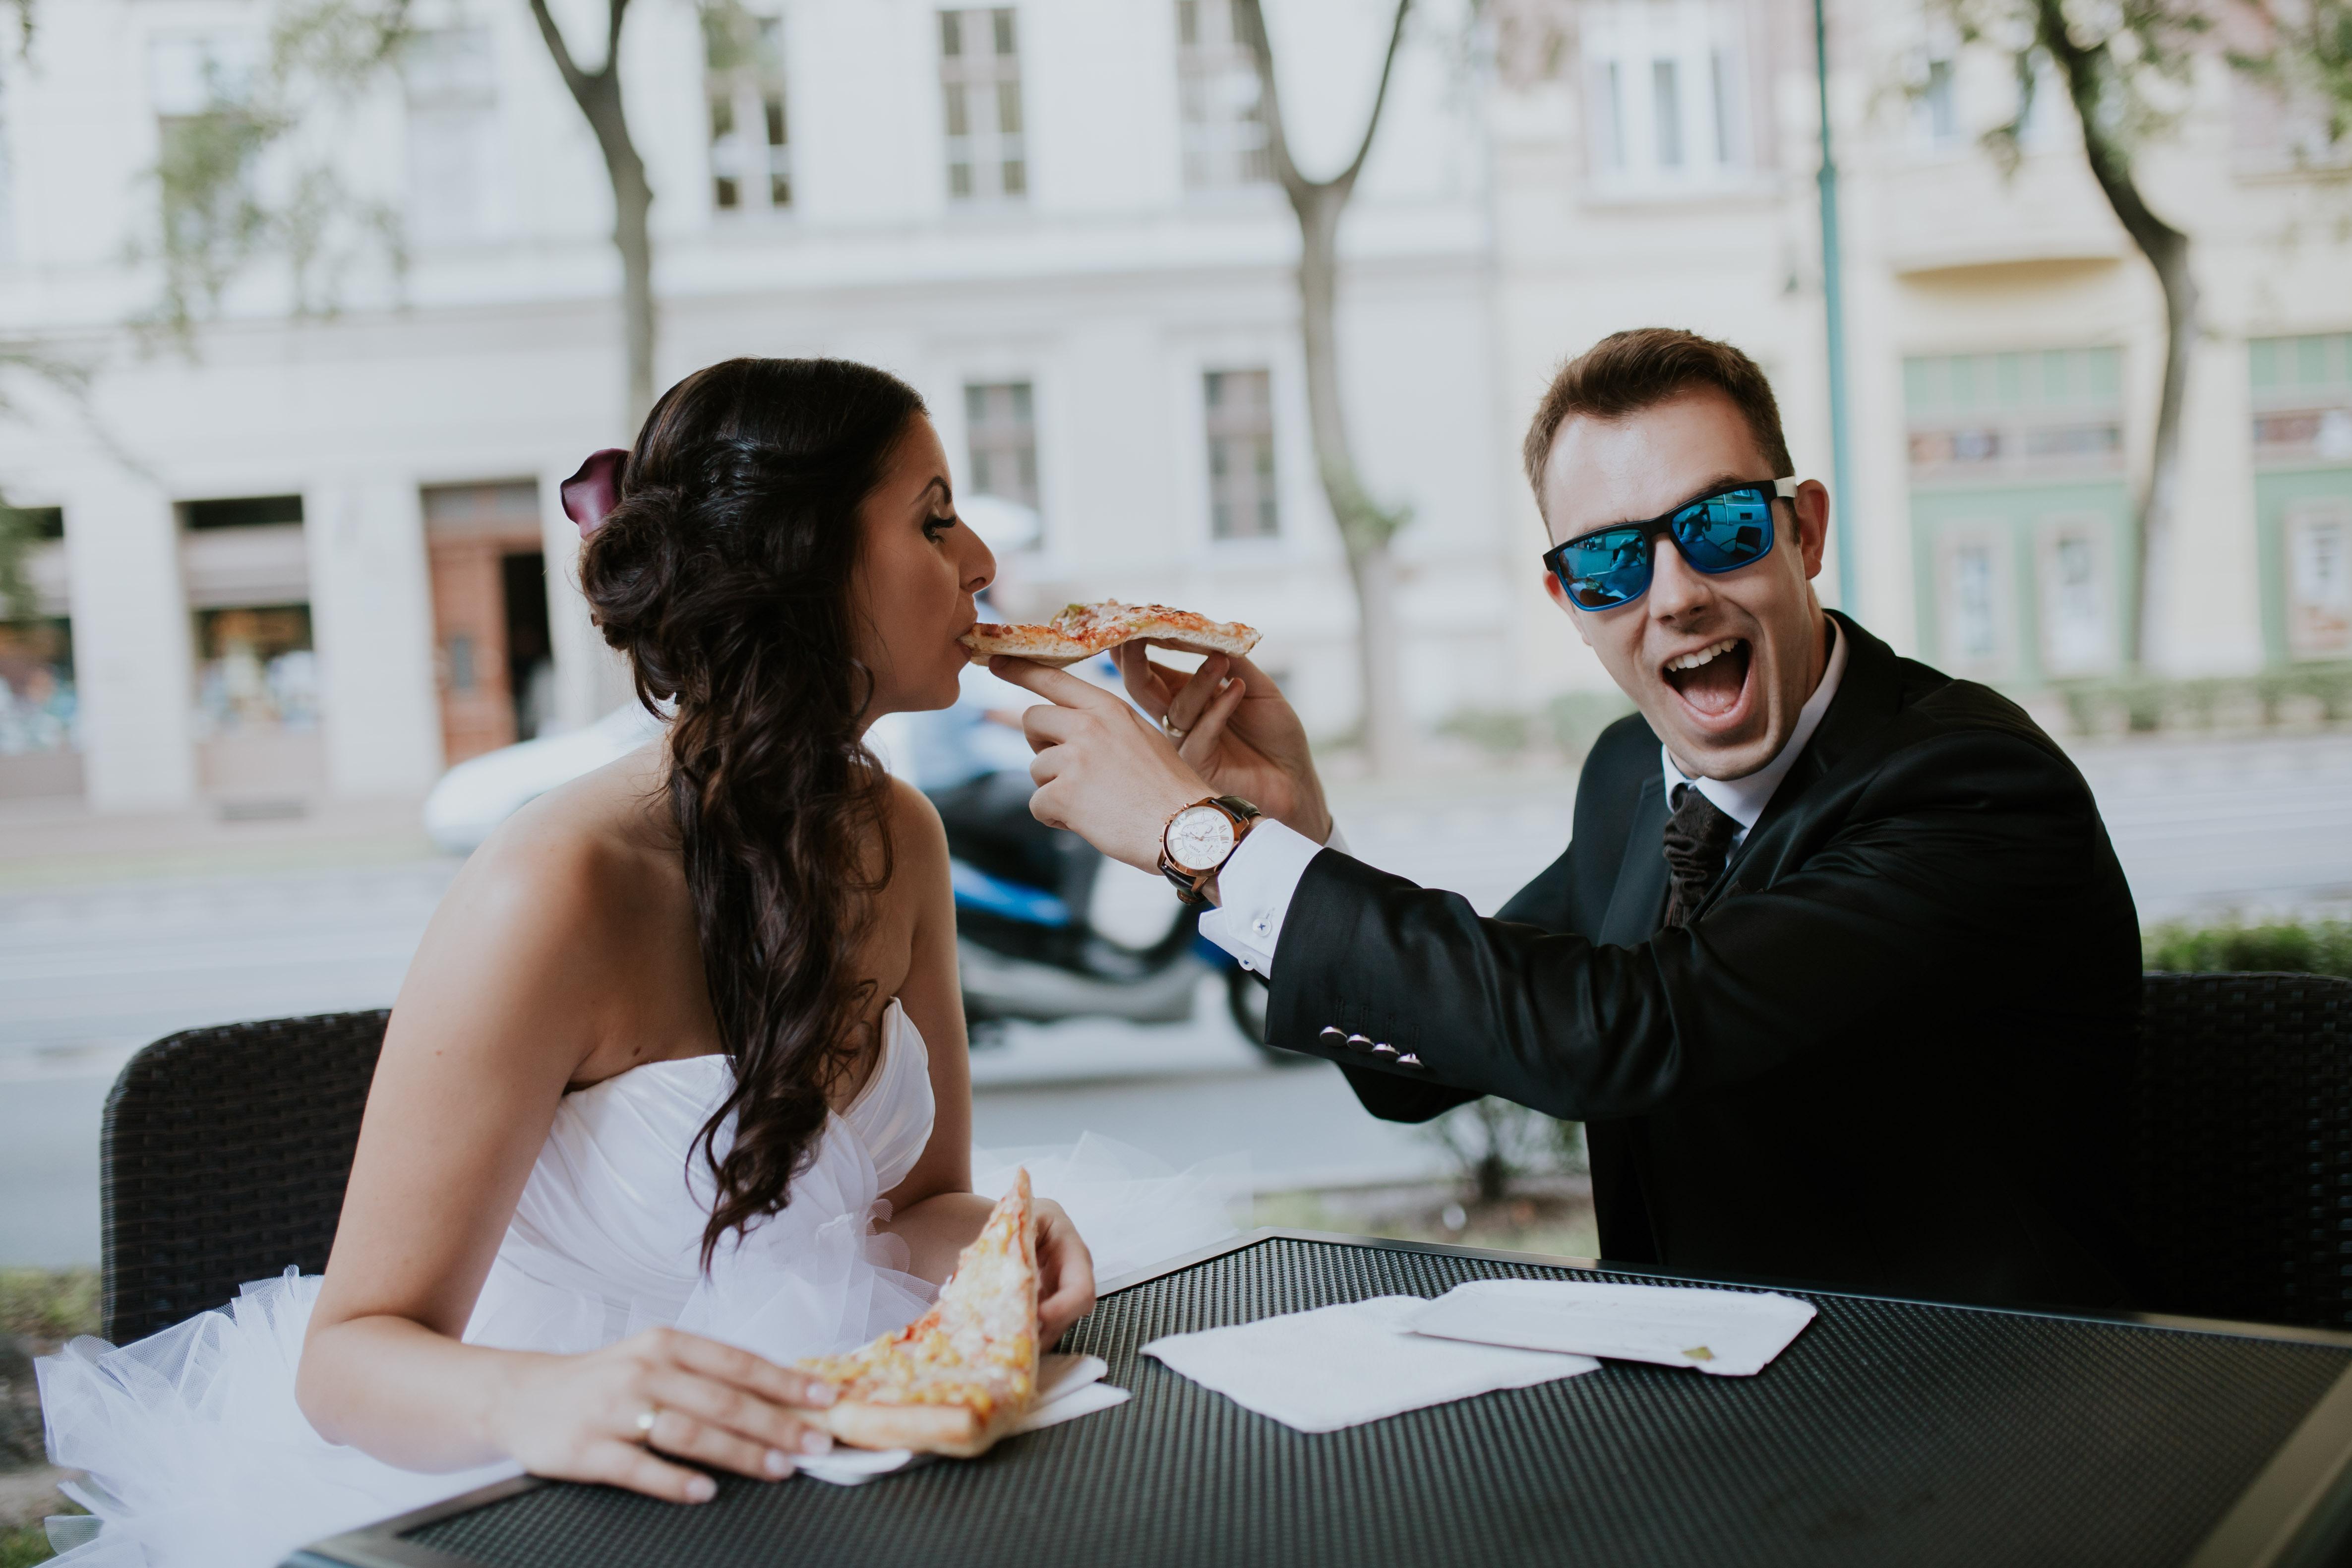 Úristen, Házasodunk! – Avagy mit, mikor, hogyan – Az esküvőszervezés lépései – 1. rész